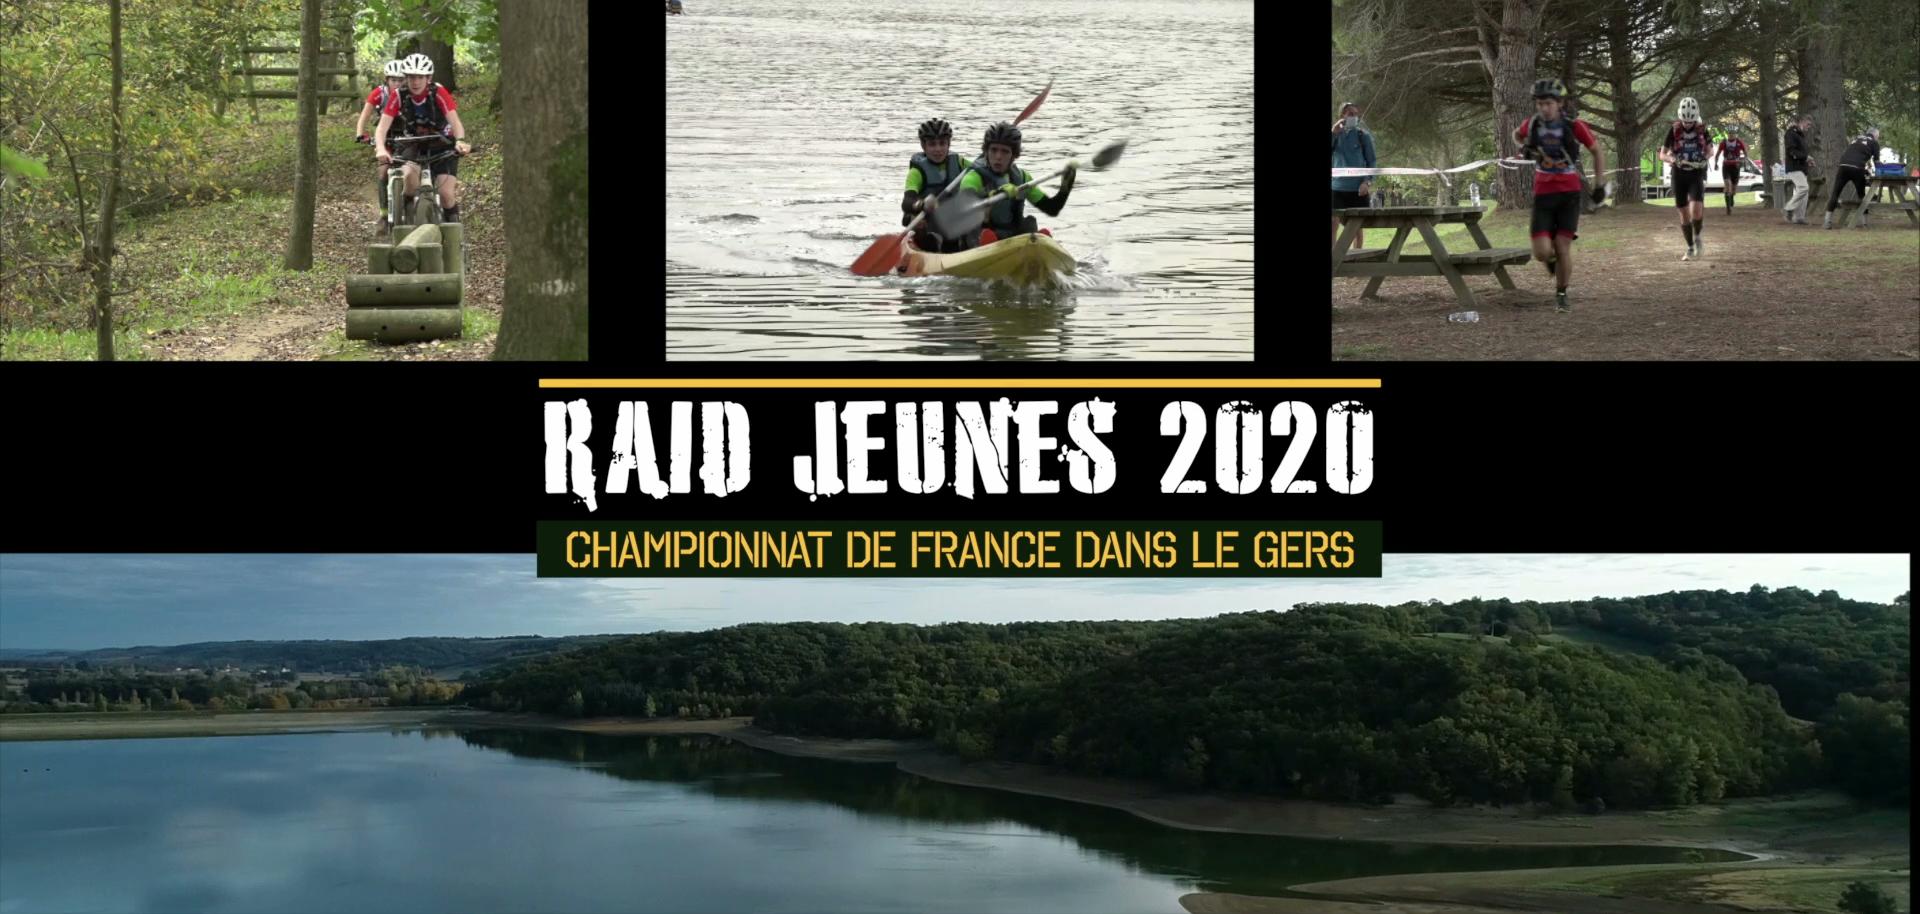 Raid Jeunes 2020